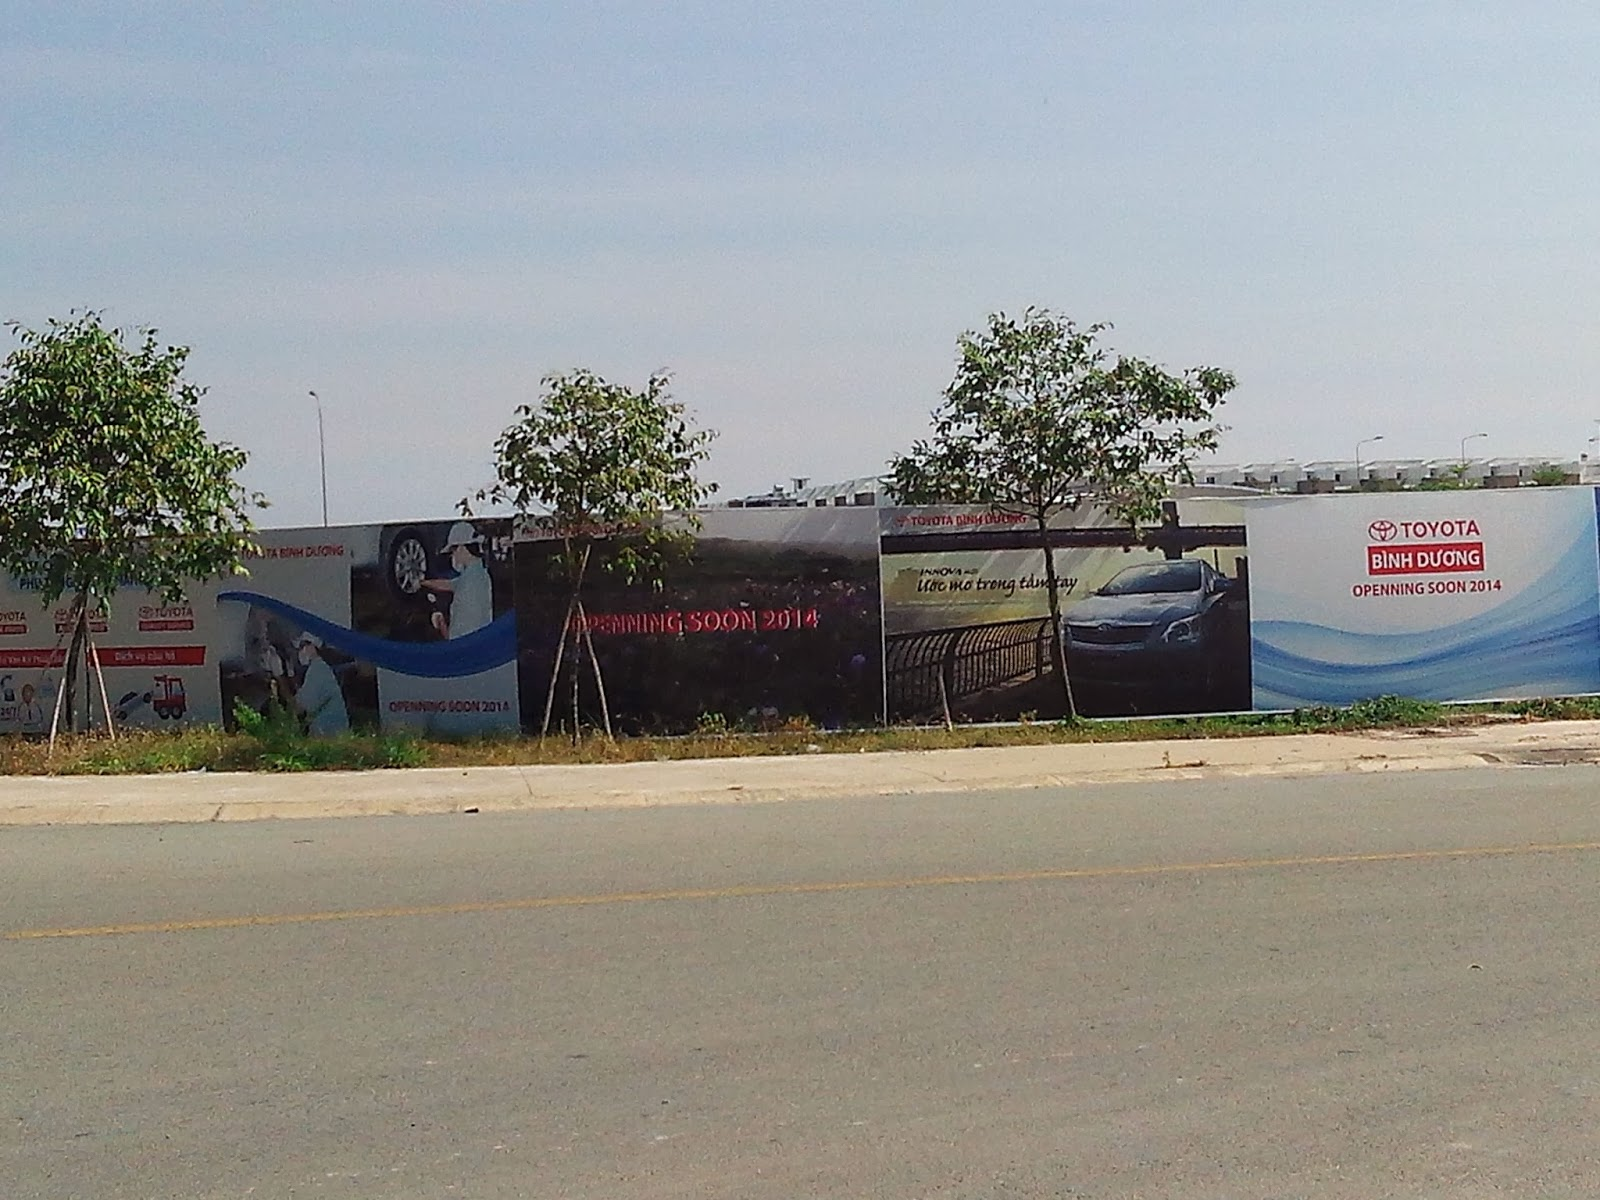 Toyota Thành phố mới Bình Dương, Toyota Thanh pho moi Binh Duong